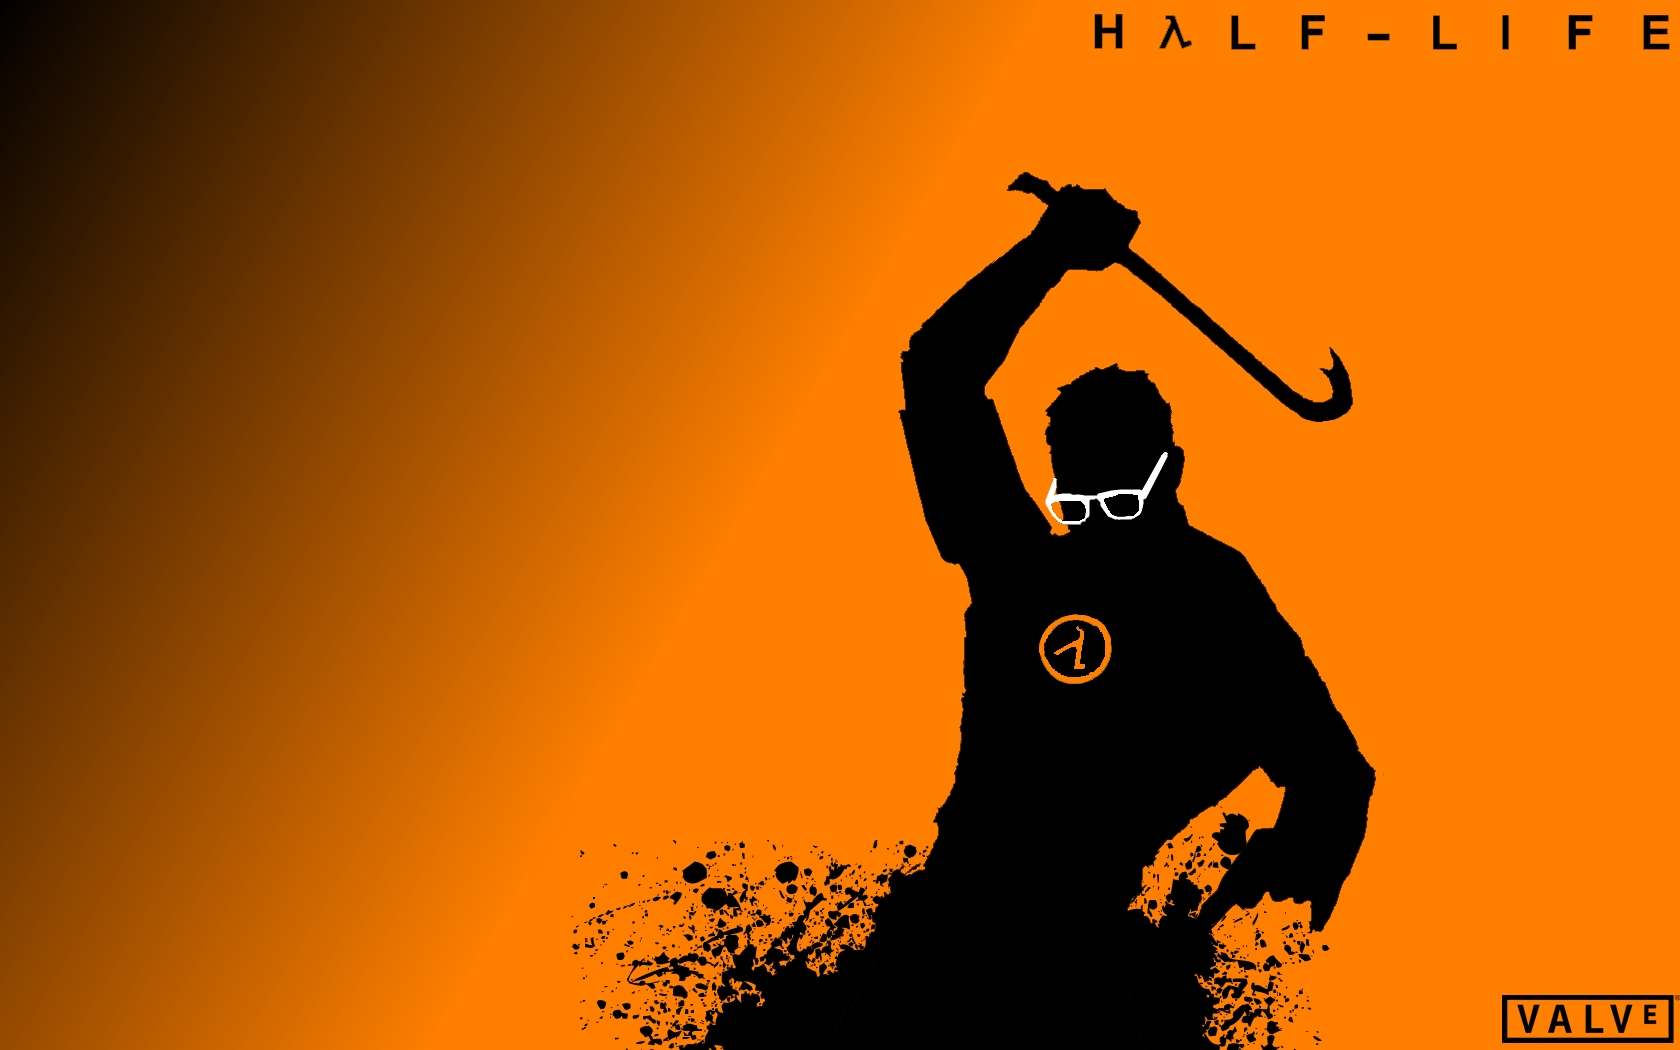 ... HD Wallpaper; Half Life Wallpaper